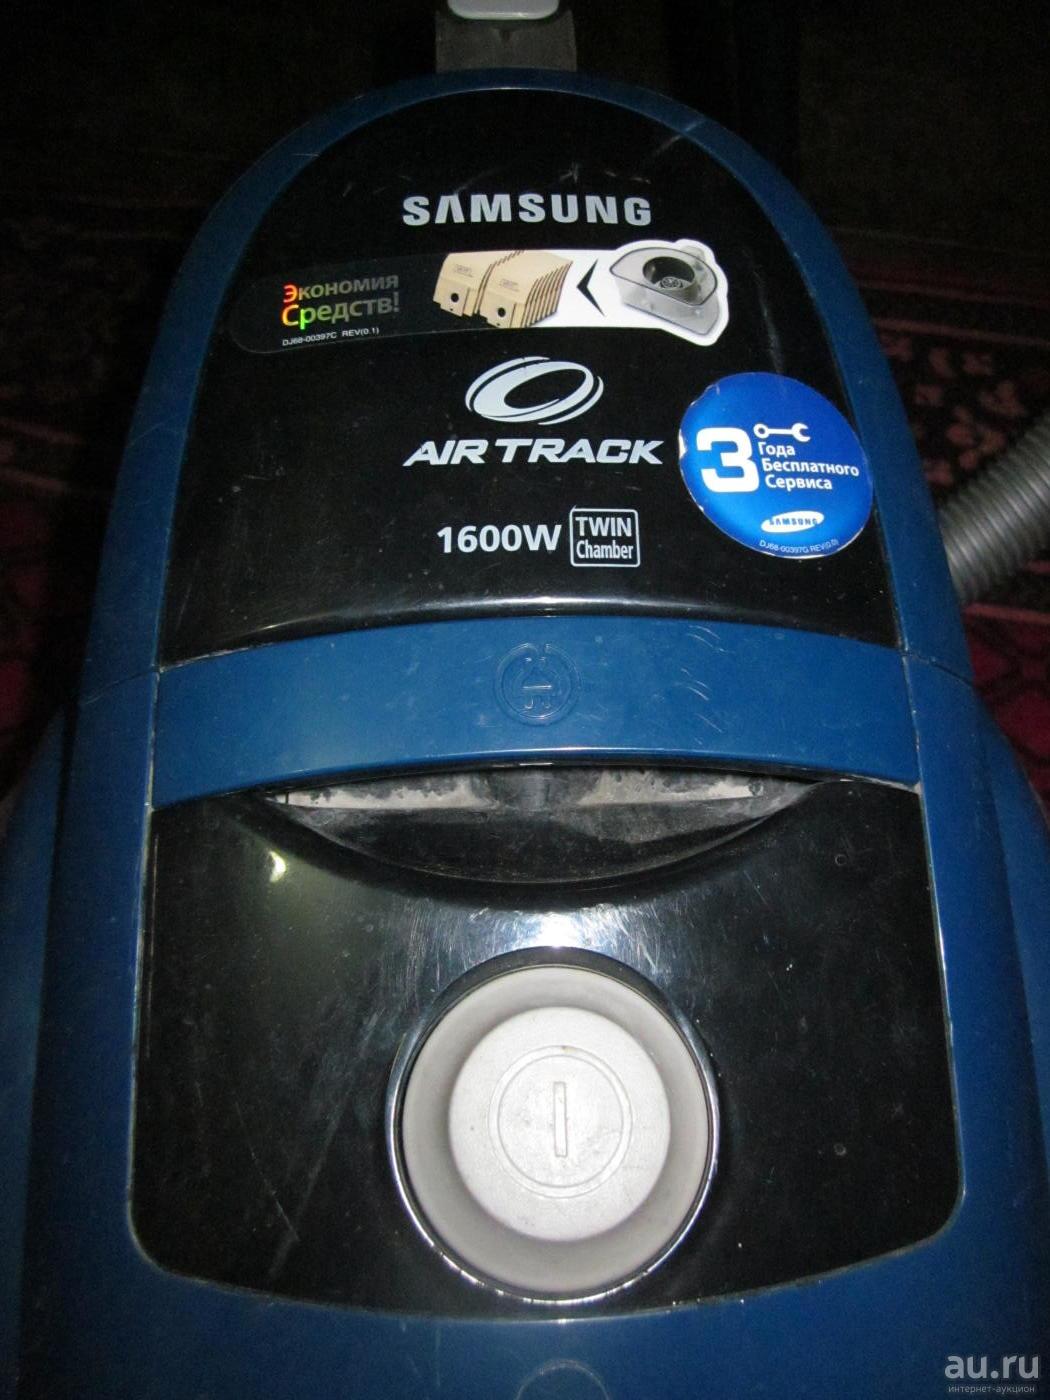 Пылесос самсунг (samsung) с контейнером для сбора пыли: независимый топ